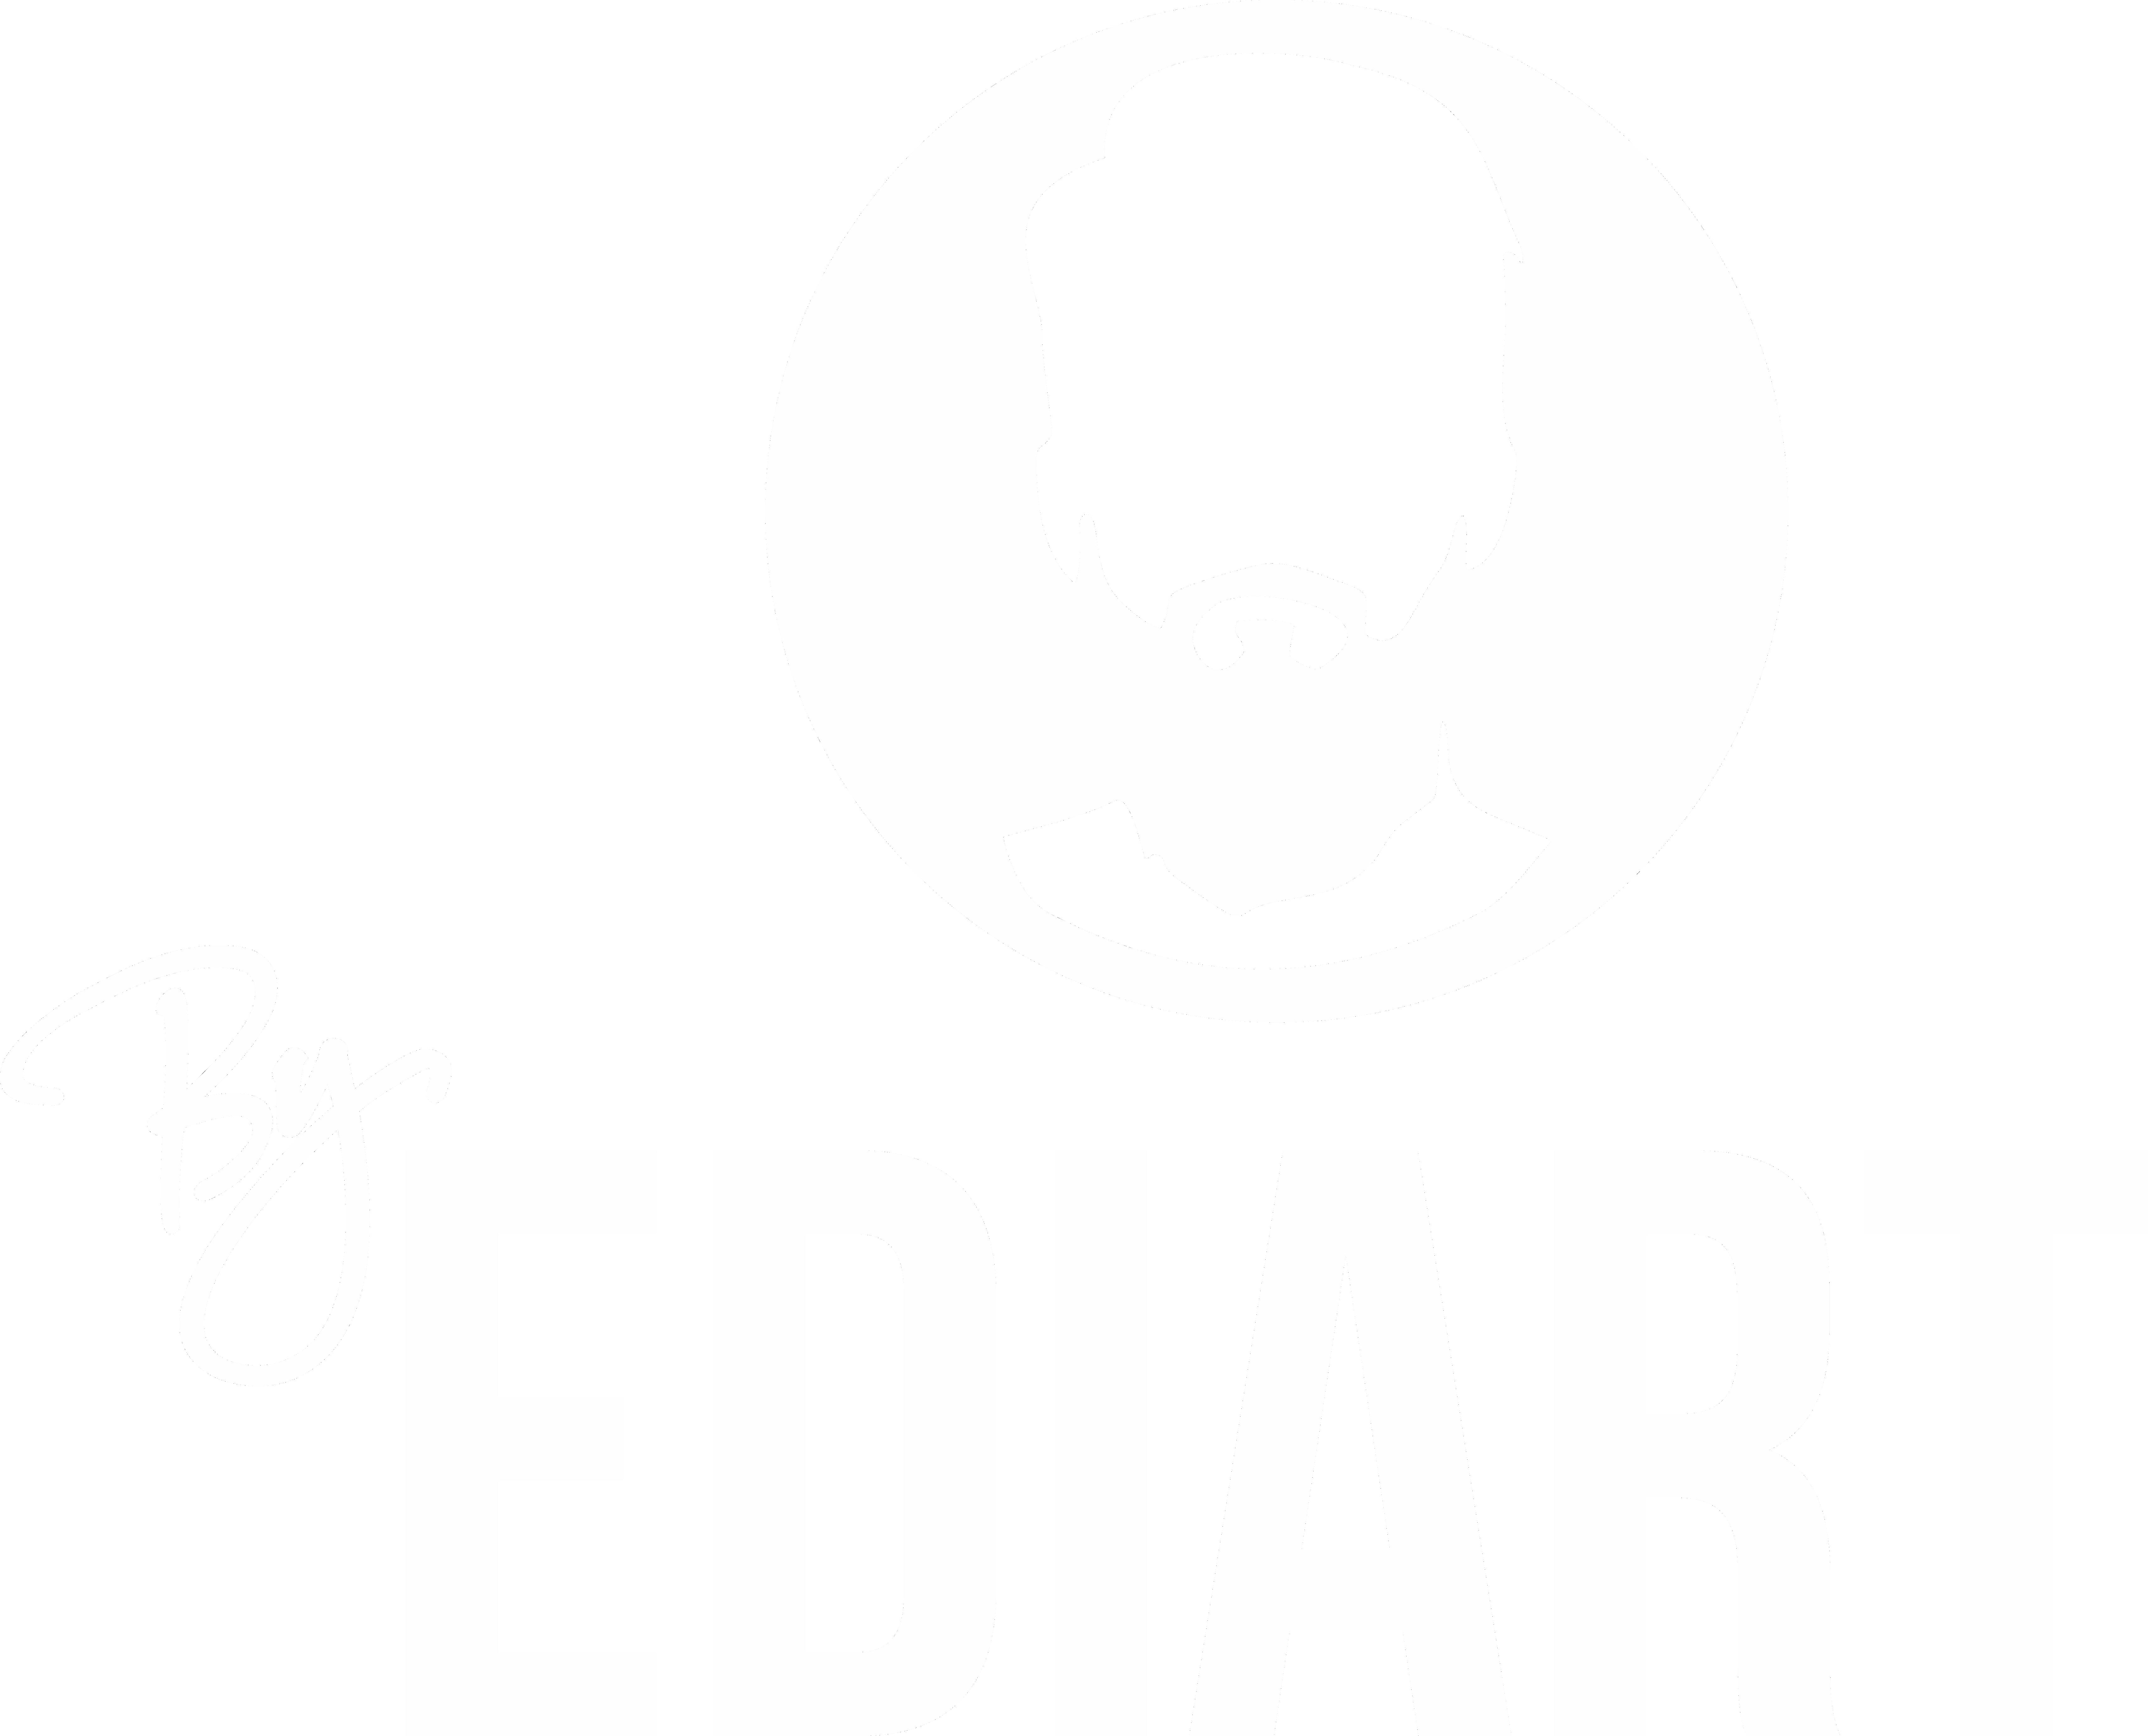 Ediart